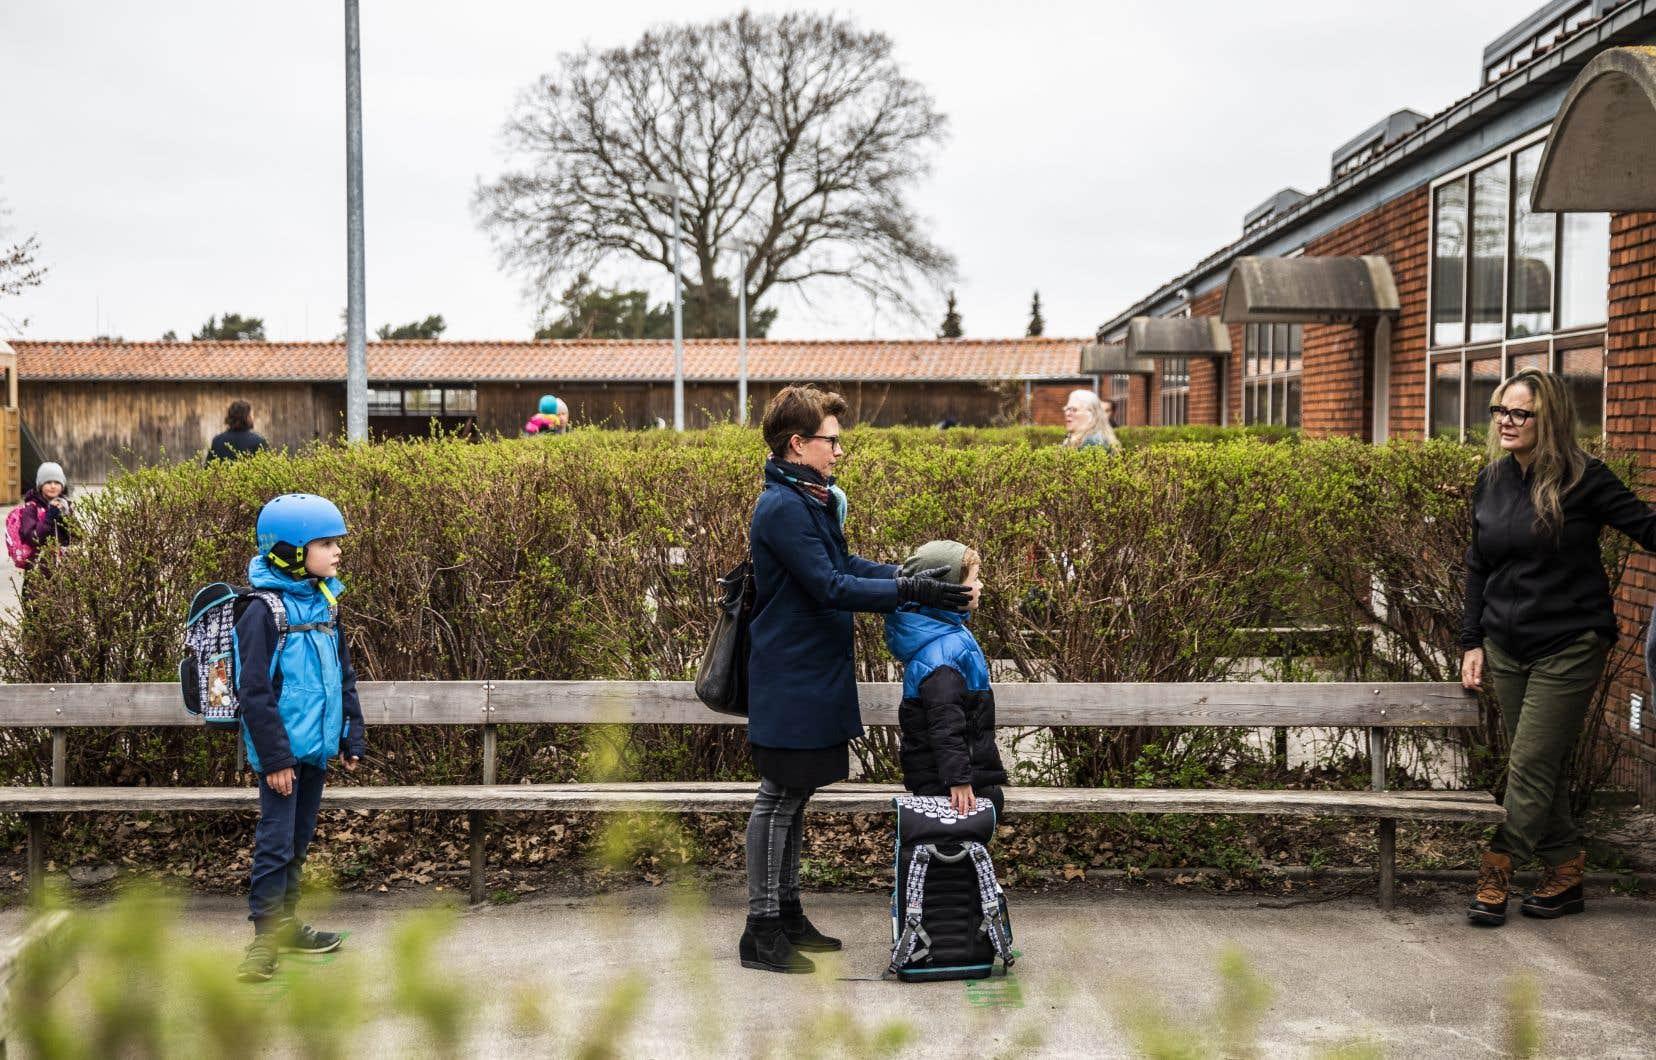 <p>Le gouvernement danois dit chercher un équilibre entre la nécessité de protéger la santé publique et celle de mettre le pays à l'abri d'une douloureuse récession — qui peut faire des ravages sociaux.</p>